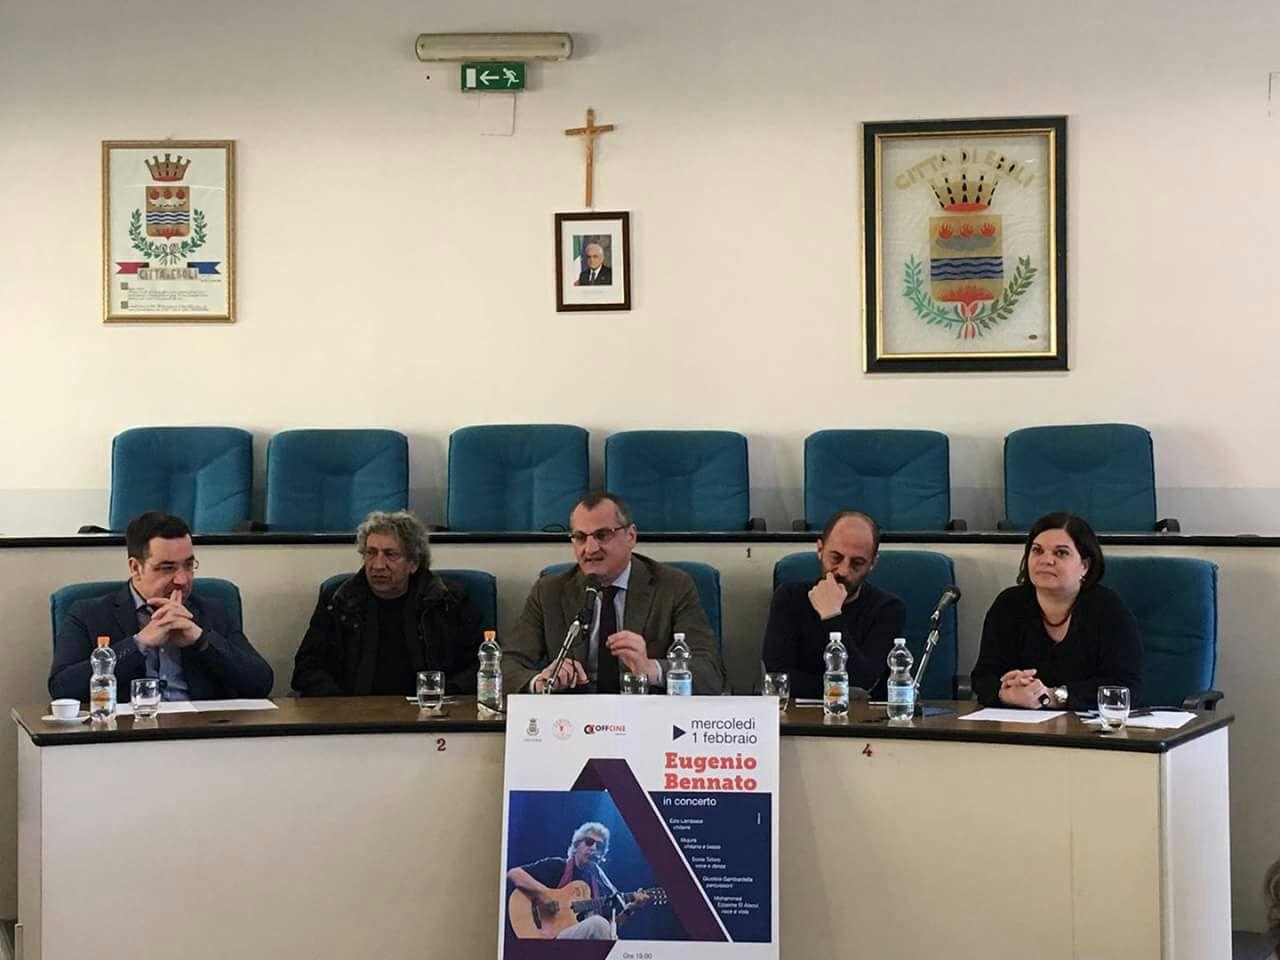 Vito Leso-Eugenio Bennato-Massimo Cariello-Vito Del Plato-Silvana Scocozza-1